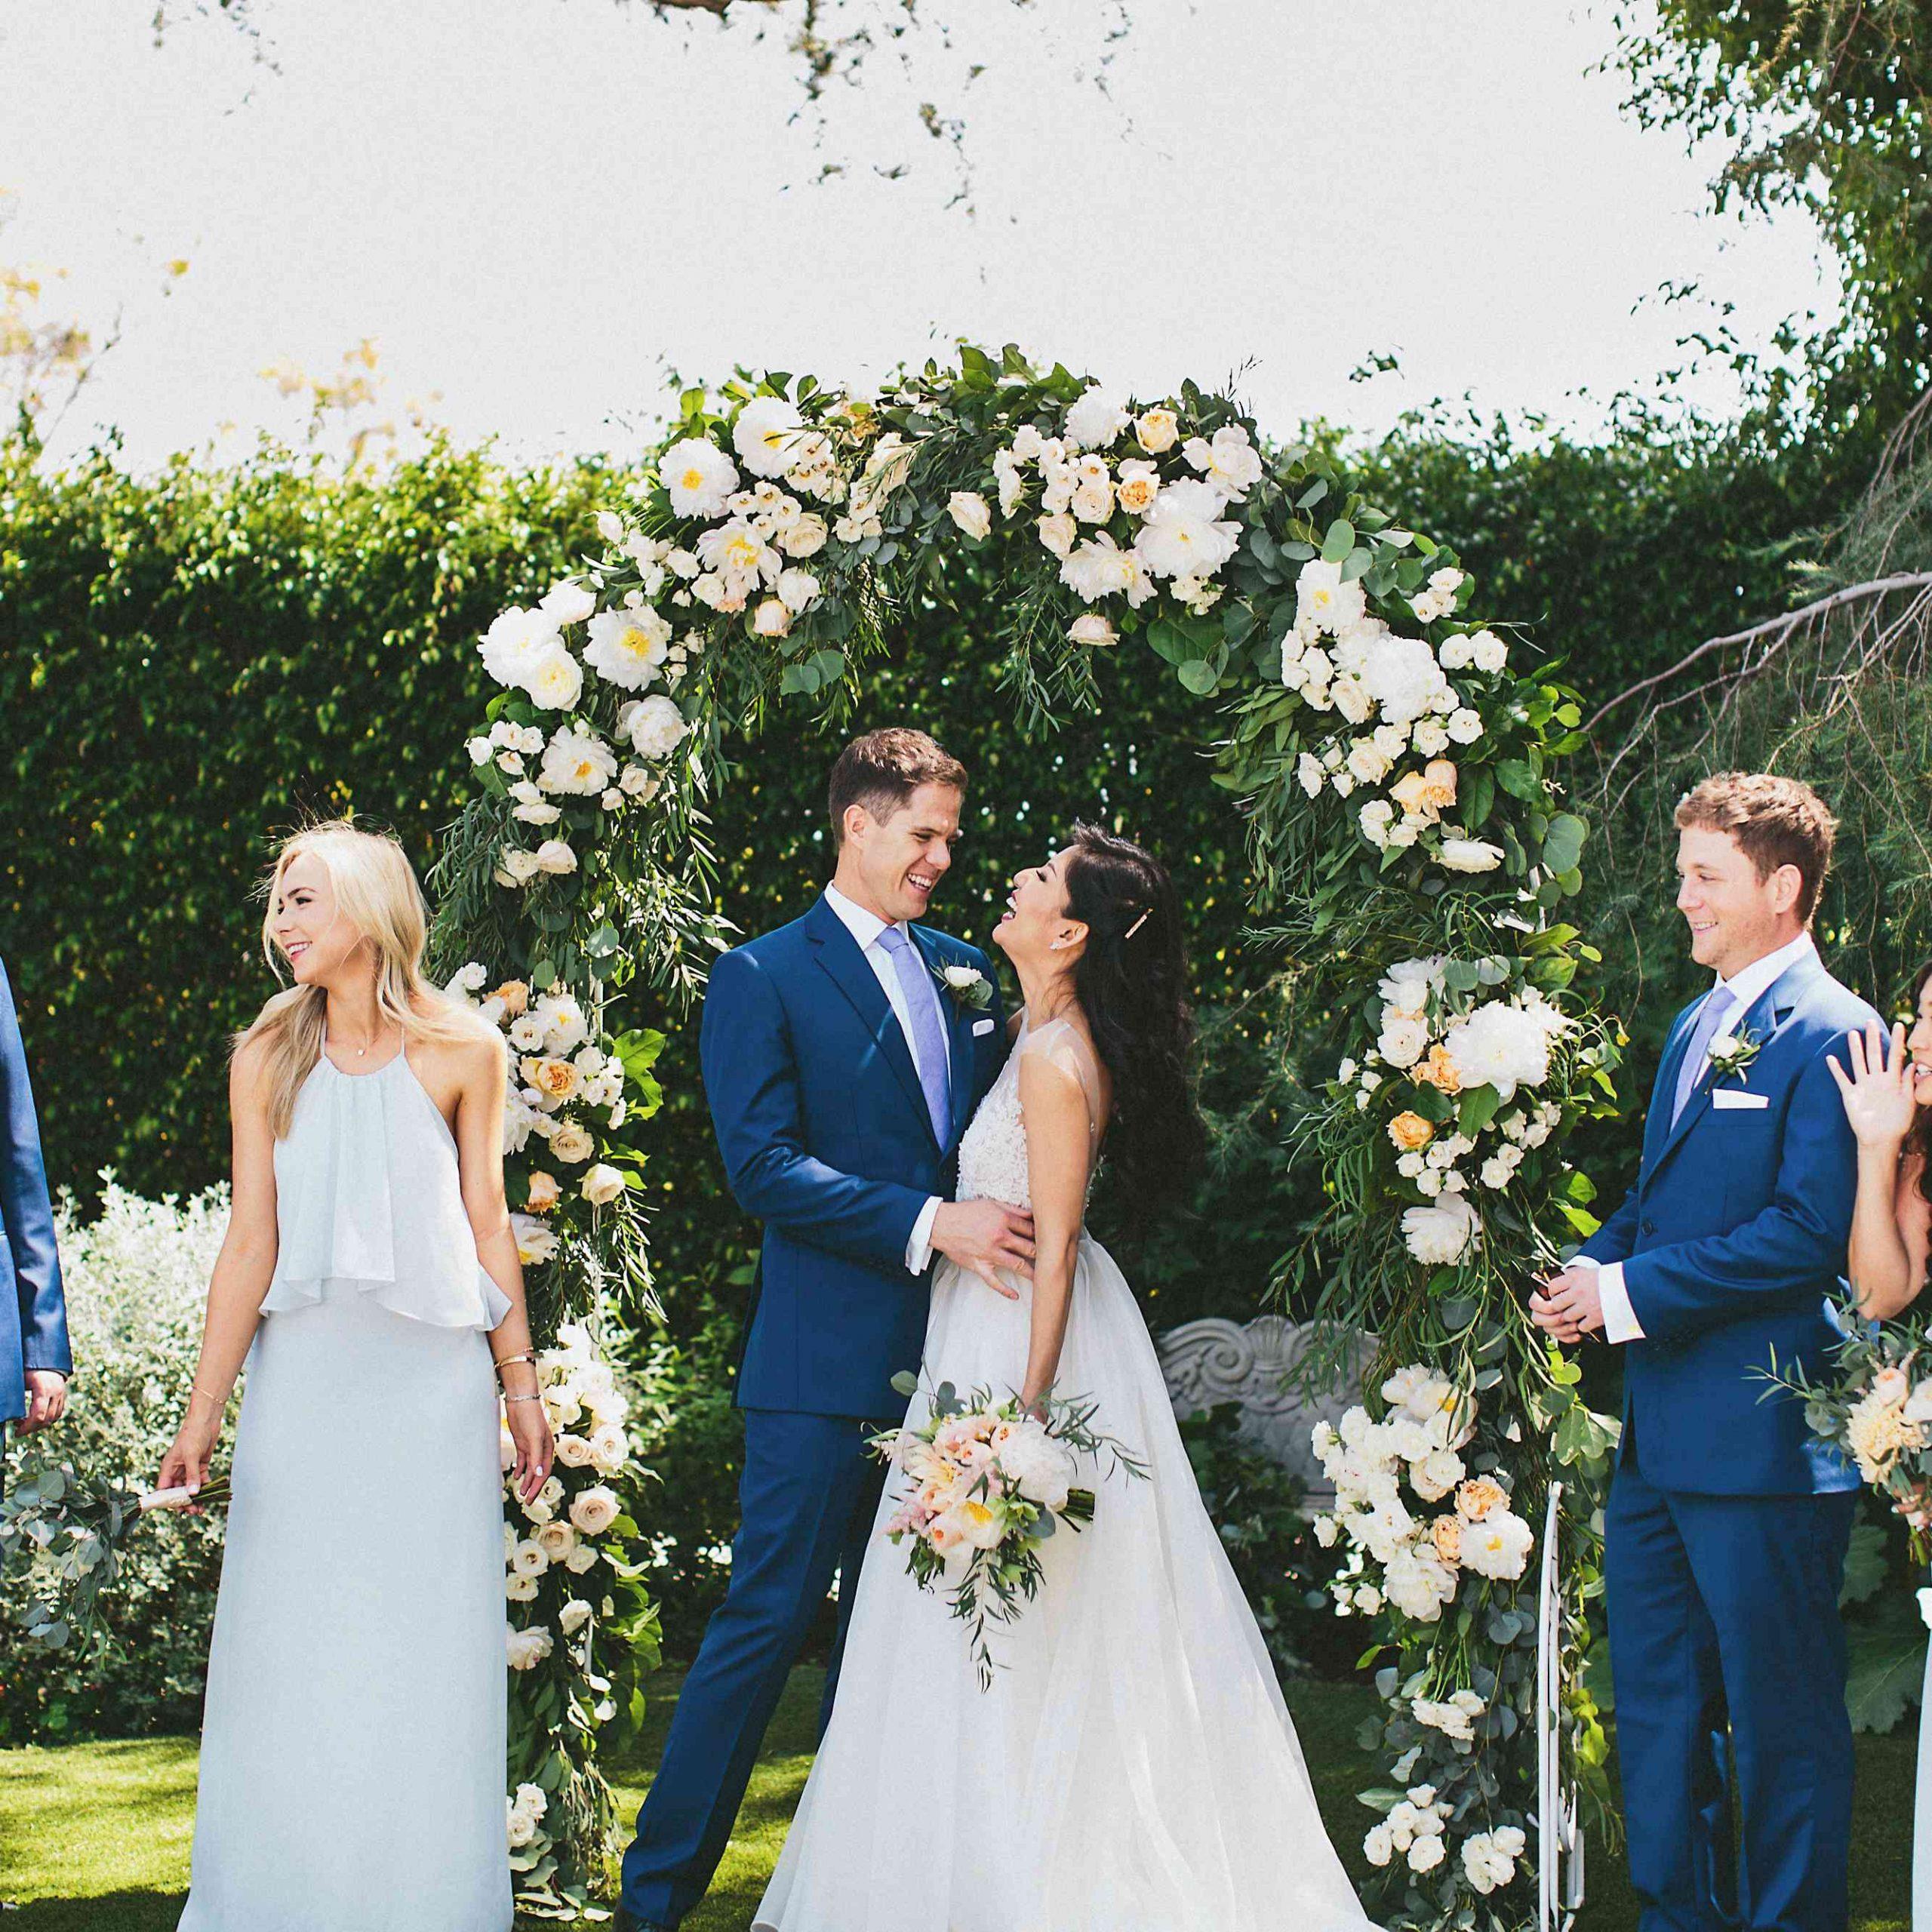 Hochzeitstag ein besonderes